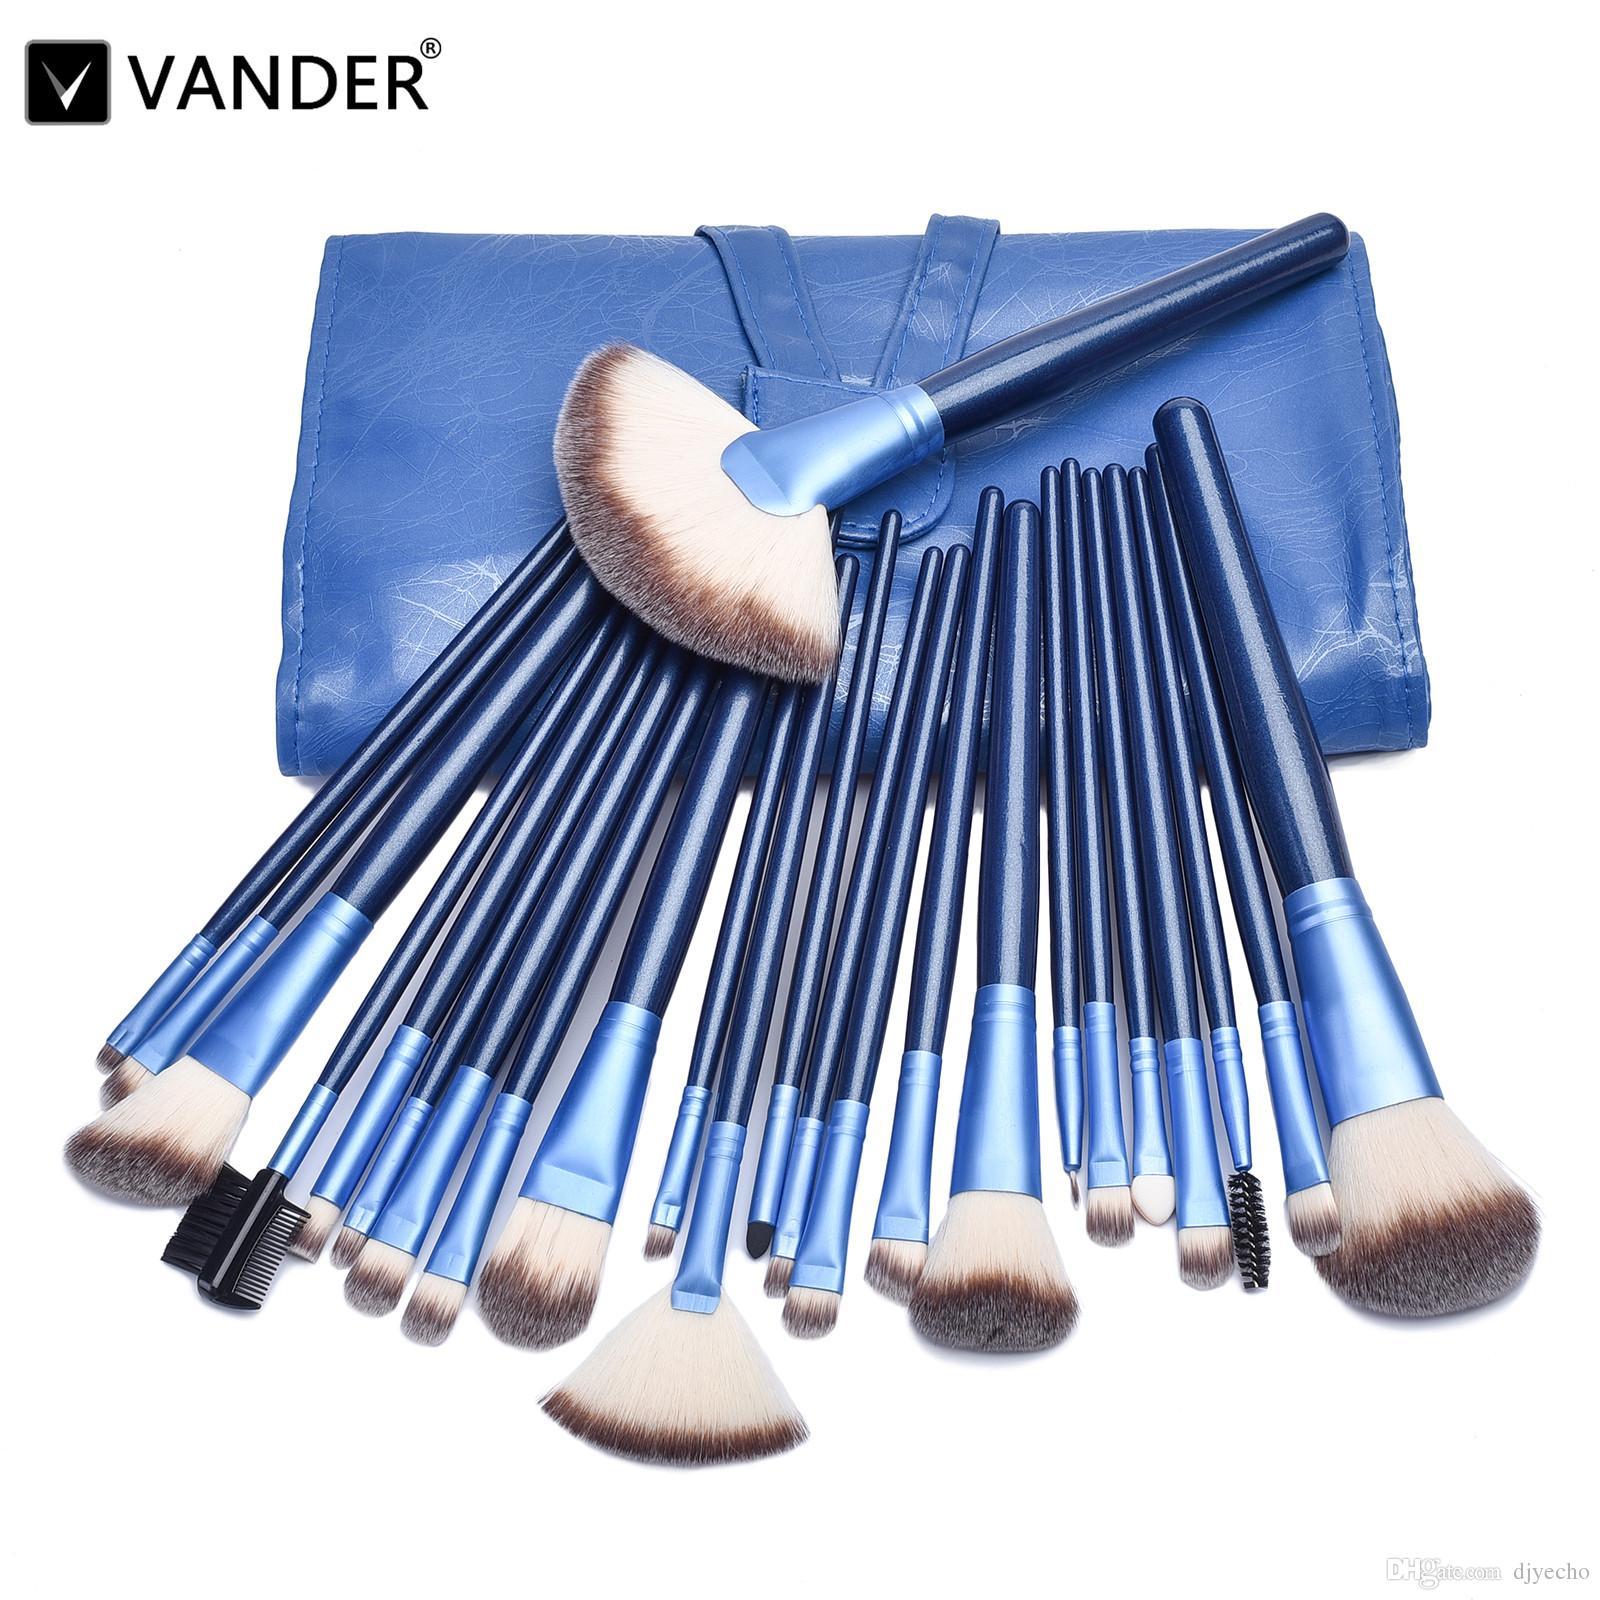 Vander 24 adet Lüks Makyaj Fırça Seti + Kozmetik Fırça Çanta için Göz Farı Karıştırma Pudra Fondöten Kaş Kozmetik Aracı Kitleri